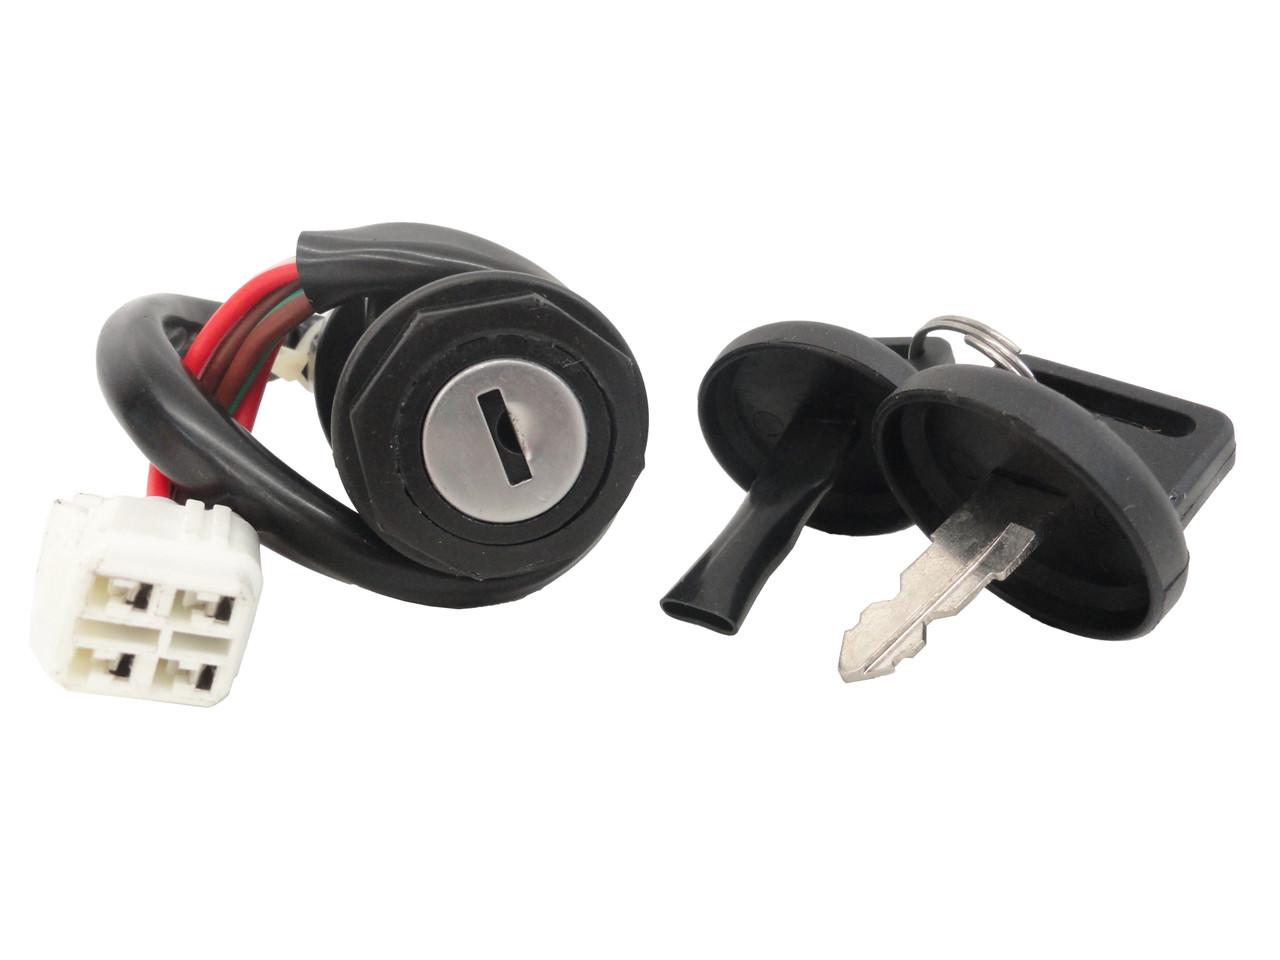 Cru Key Ignition Switch 04 09 Yamaha Yfz 450 Yfz450 Lifetime Wiring Harness Warranty Gift